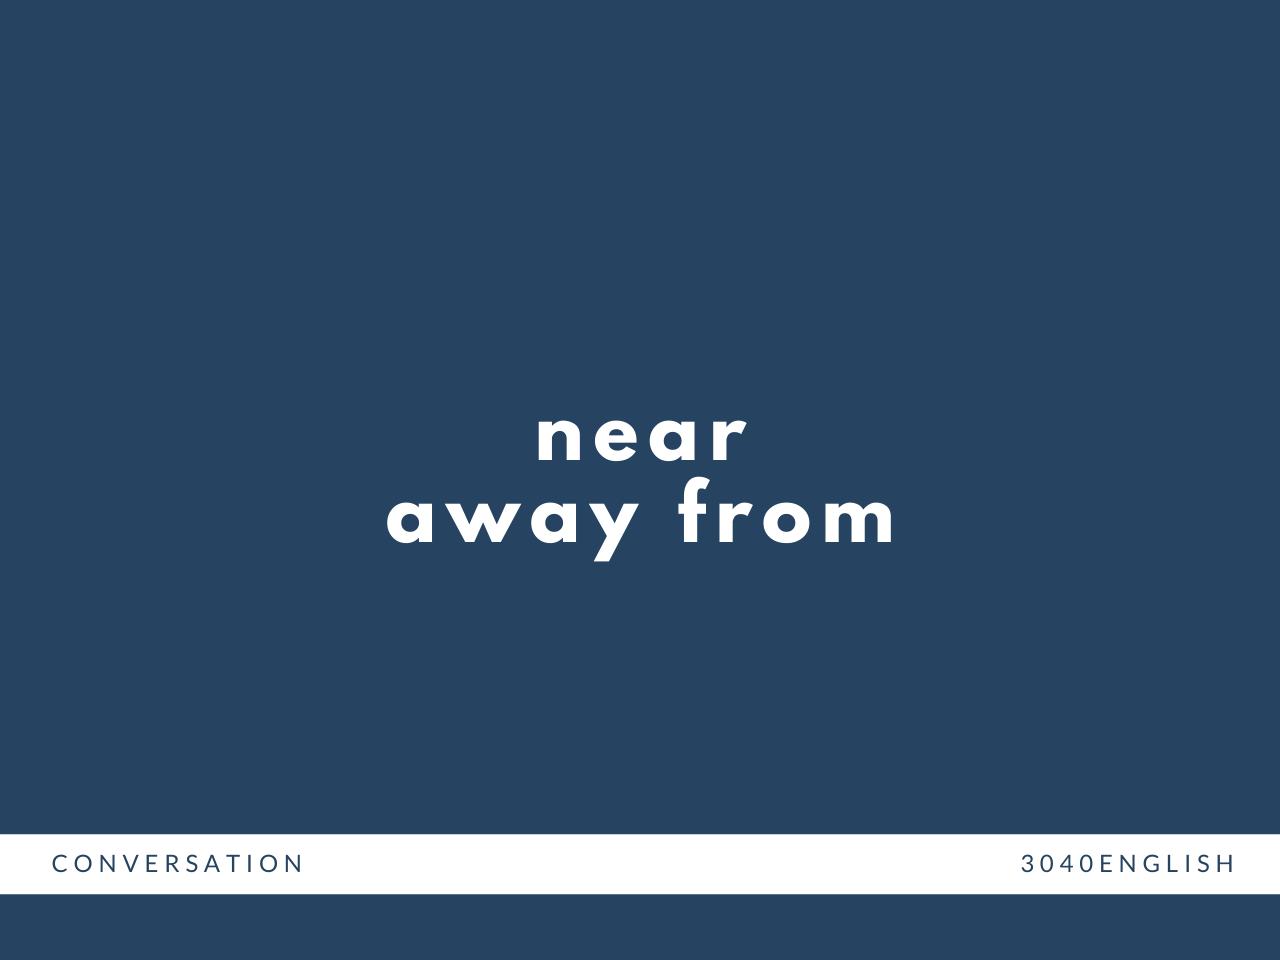 「近づく」「遠ざかる」の英語表現【英会話用例文あり】